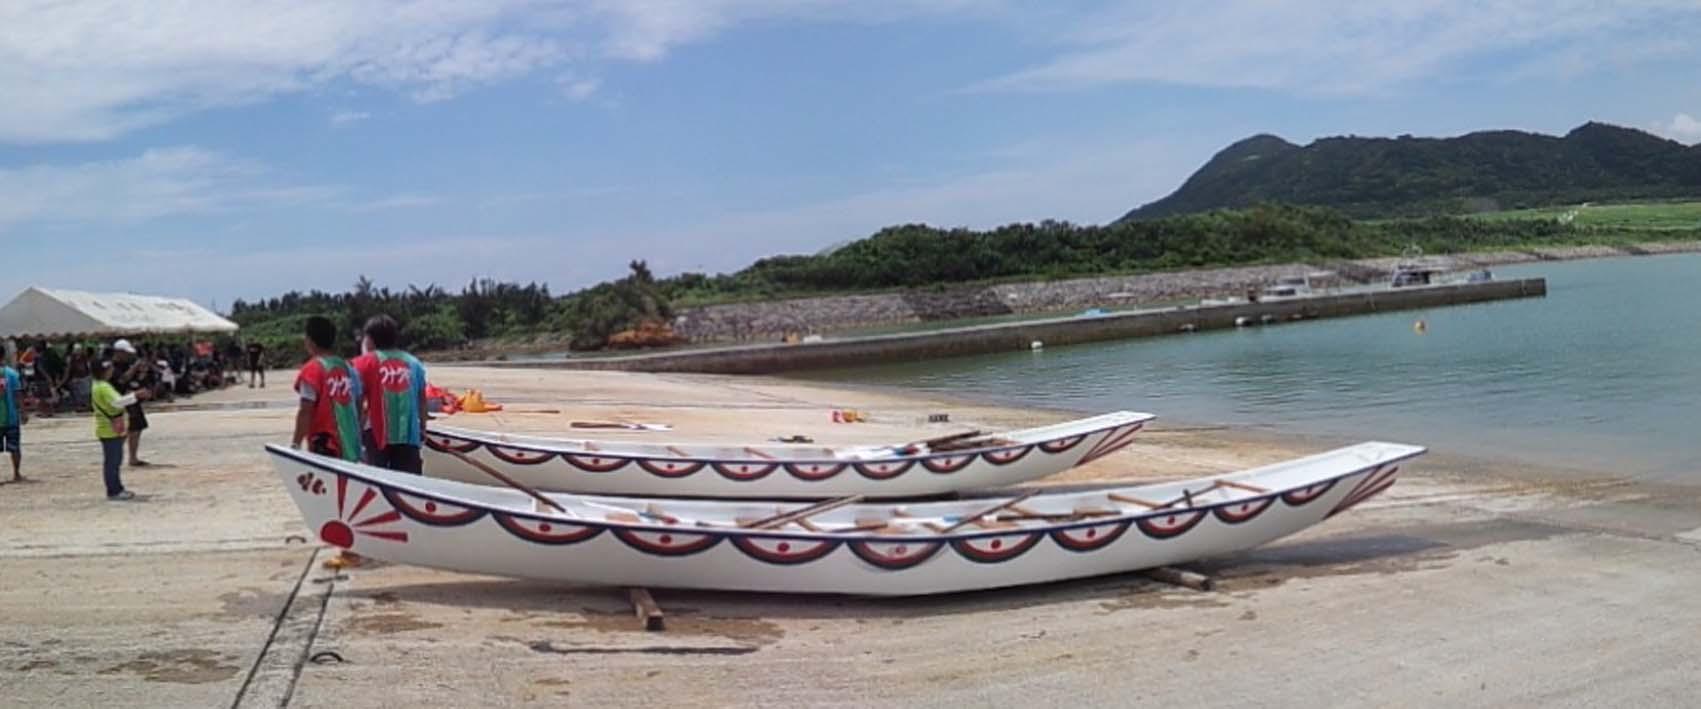 サバニーは10人で漕ぐ昔ながらの舟です。